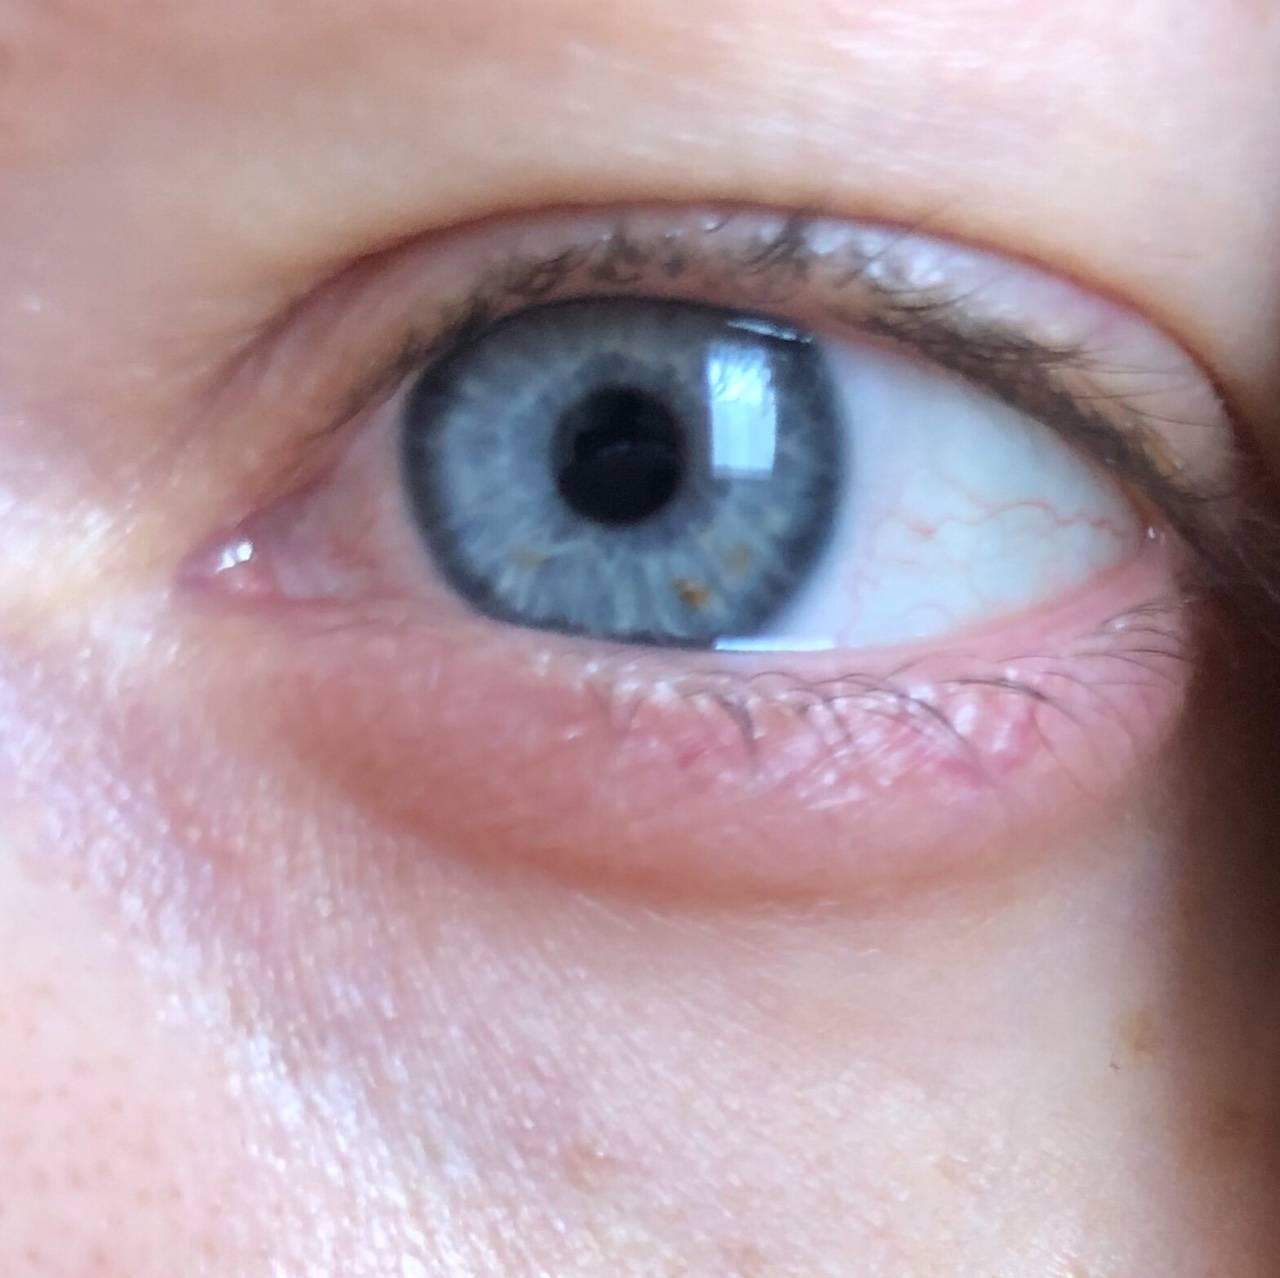 Радужка глаза: цвет, пятна, болезни